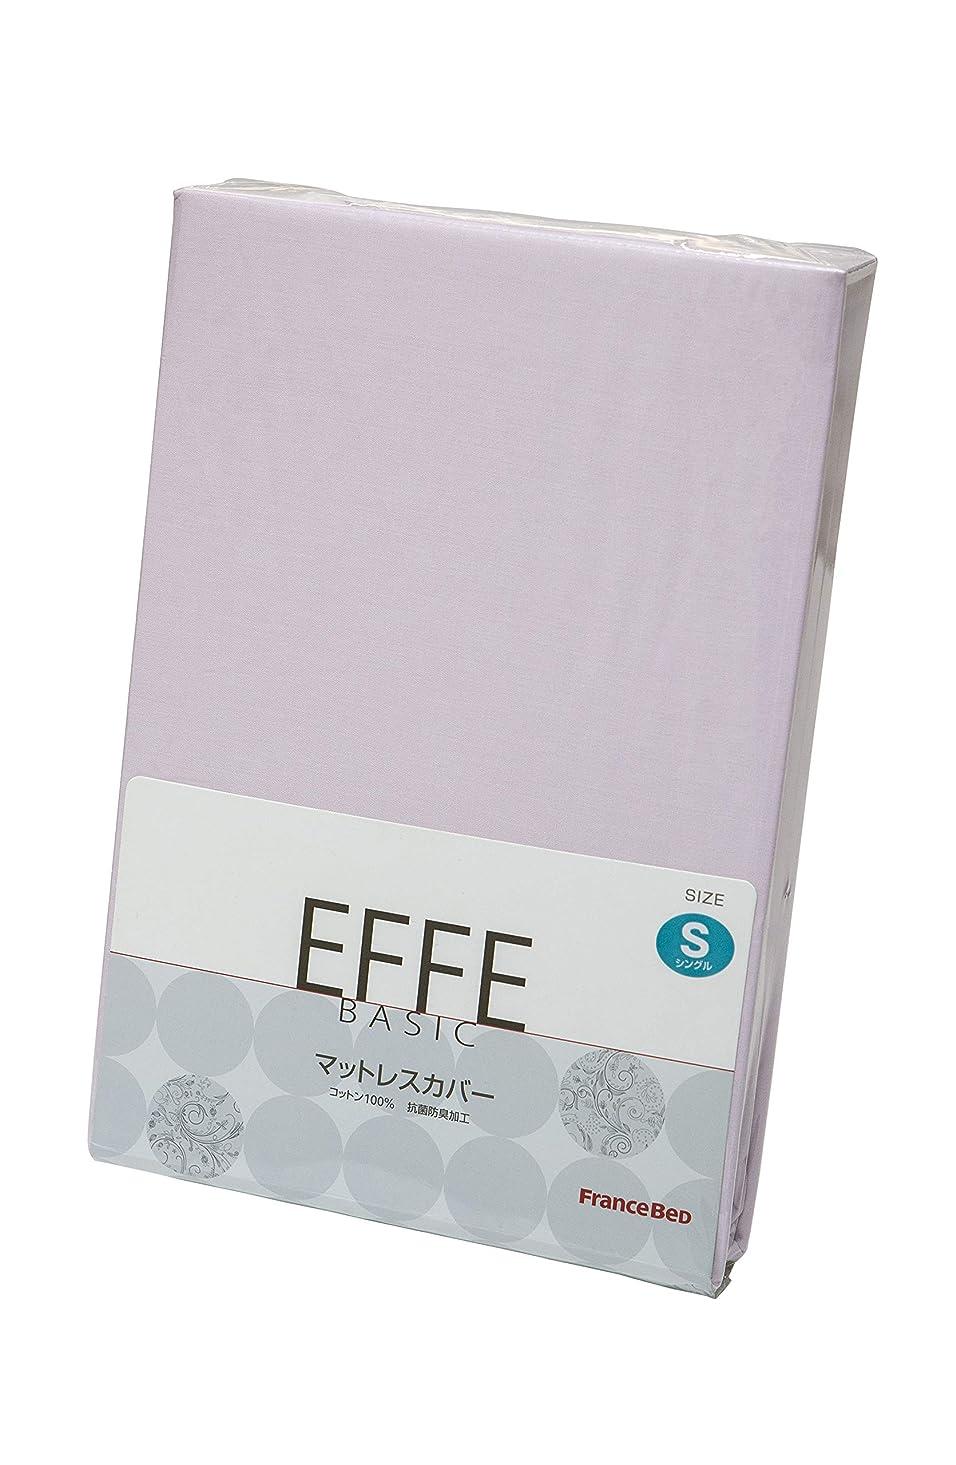 印刷するパワー知恵フランスベッド ボックスシーツ ピンク 154×210cm エッフェベーシック、綿100% 抗菌防臭加工 036015650